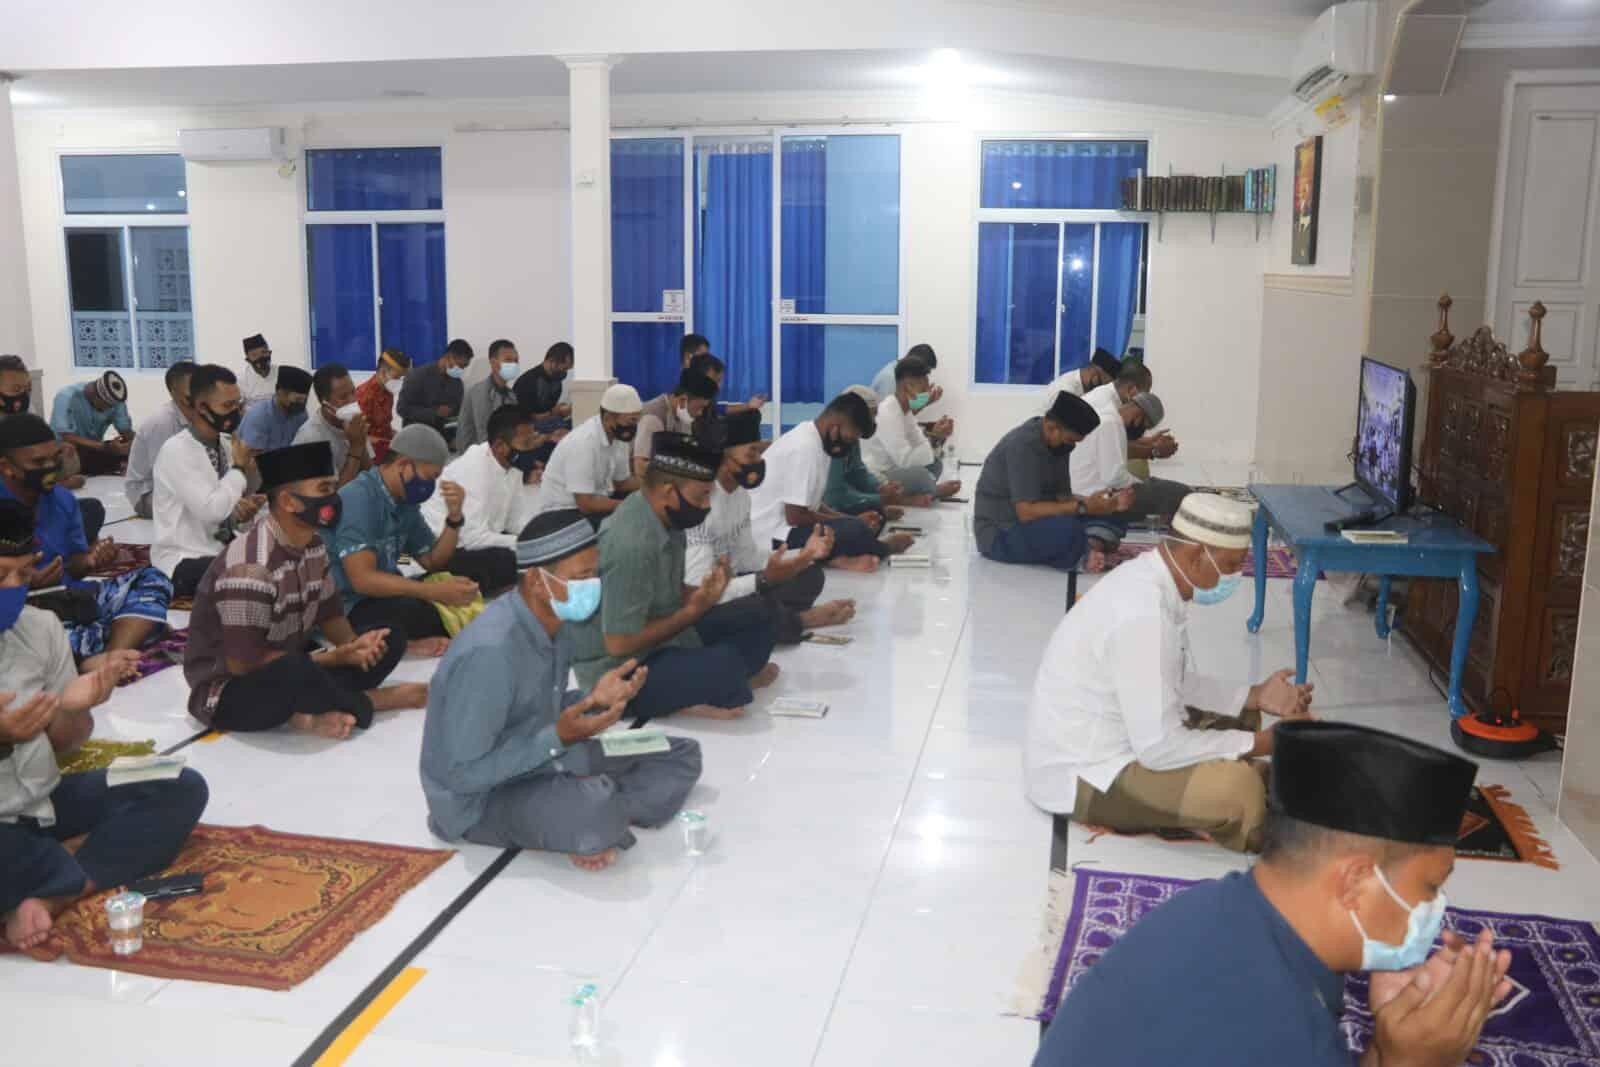 Lanud Raden Sadjad Khataman Al-Qur'an dan Doa Bersama